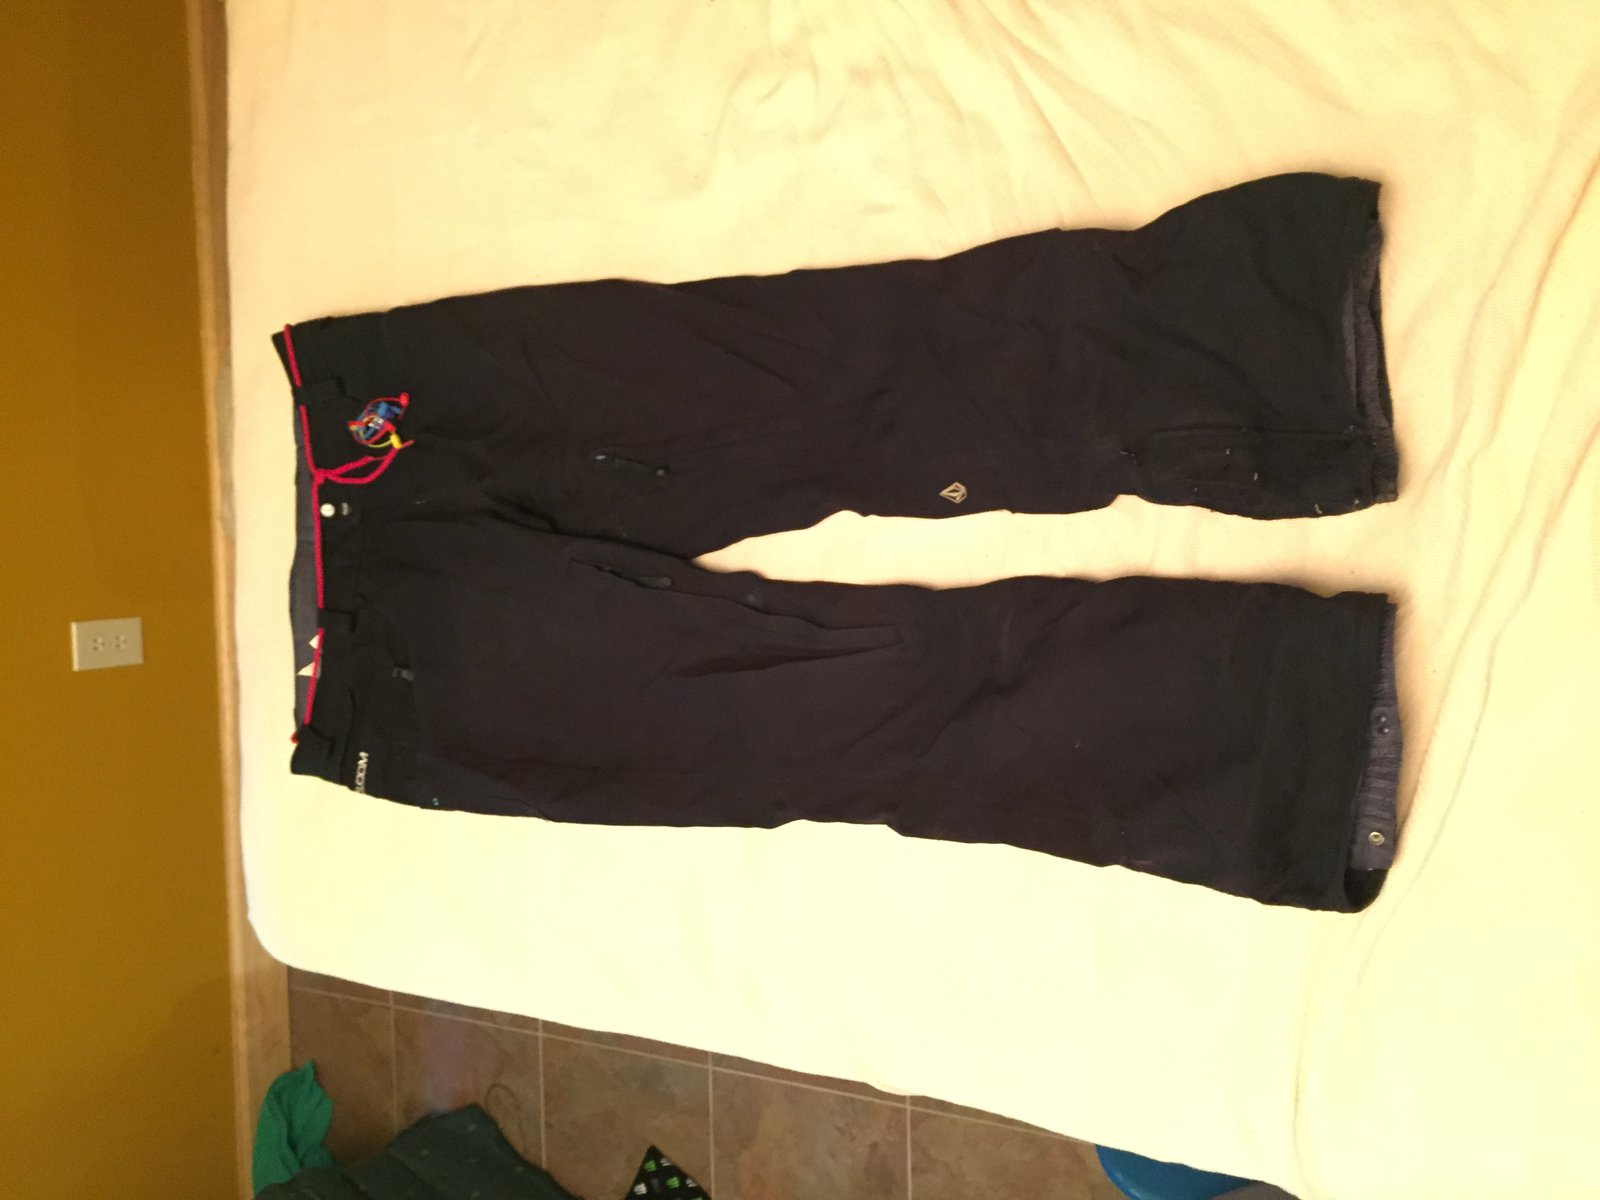 XXL Volcom pants